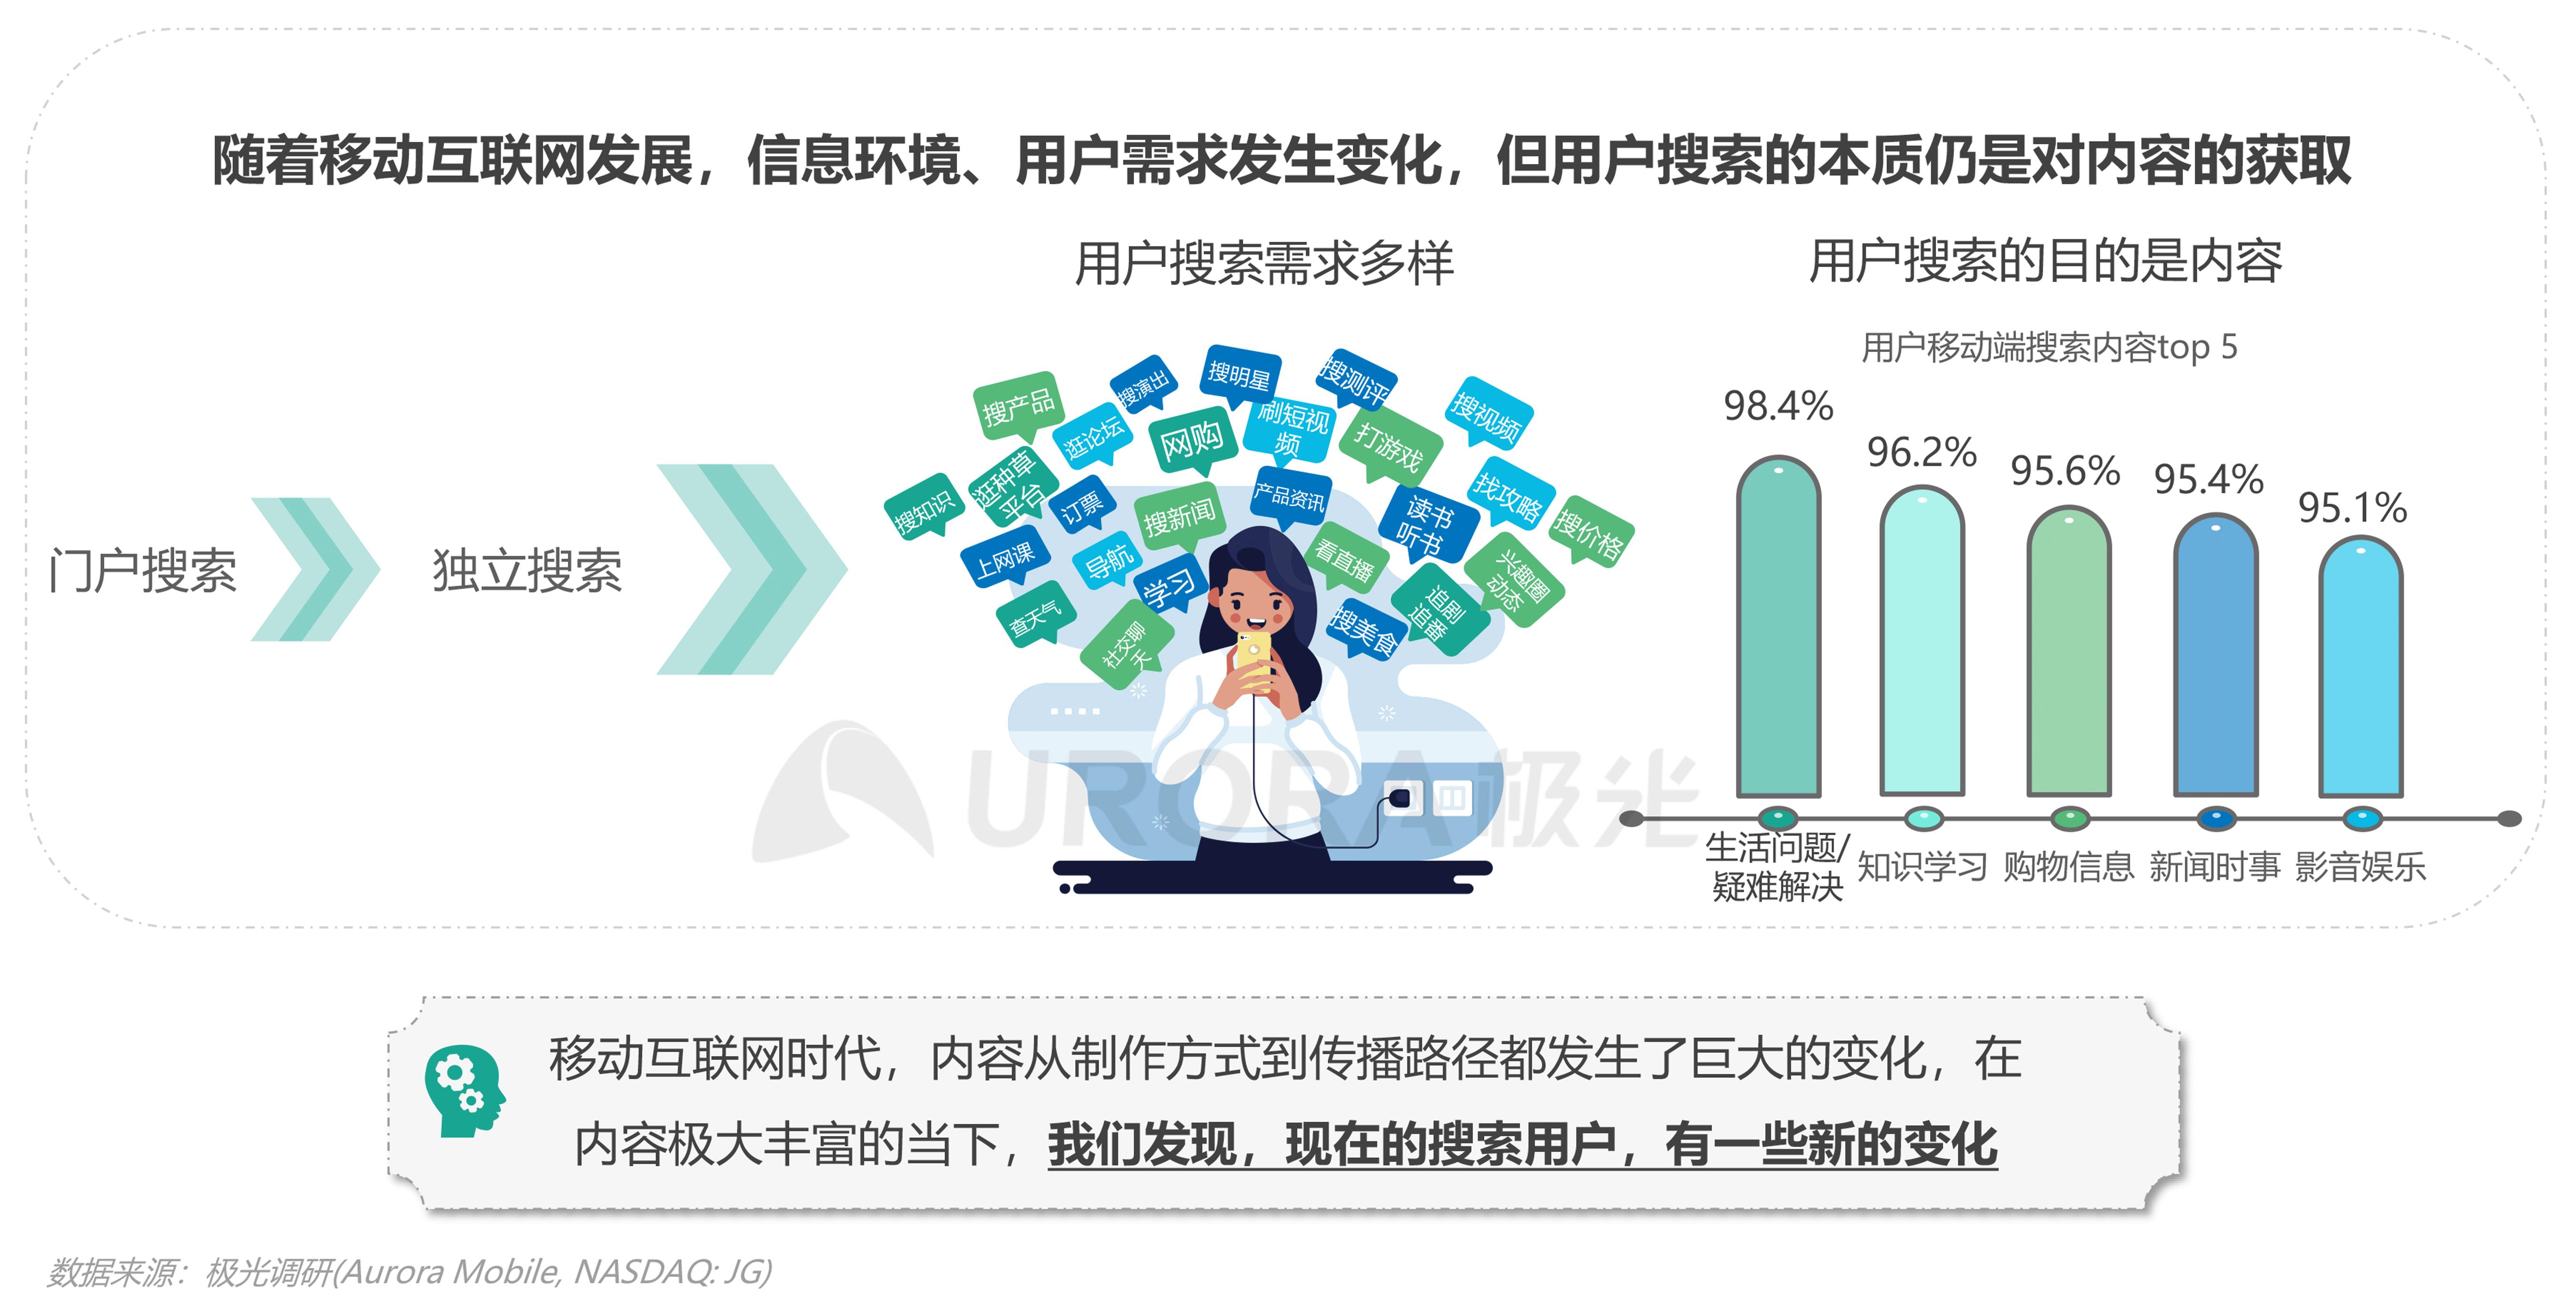 极光:内容生态搜索趋势报告png (2).png